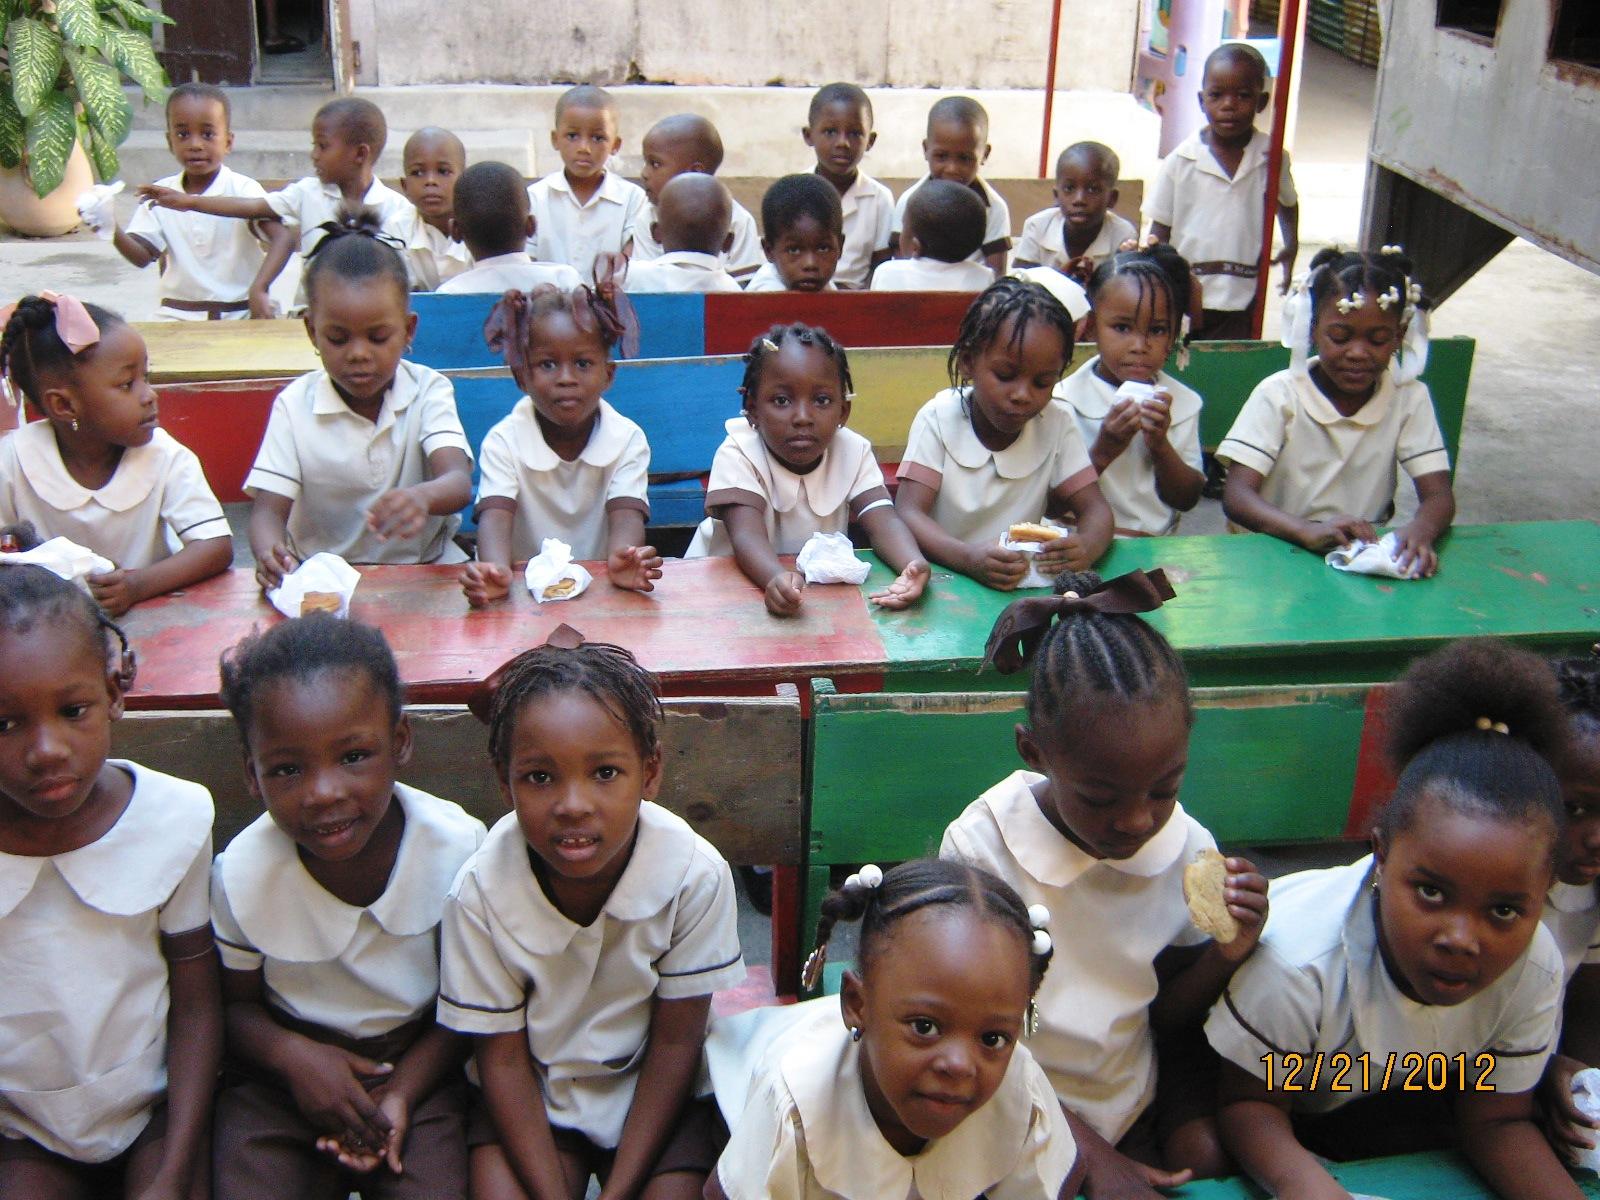 Gci School In Haiti Gci Update